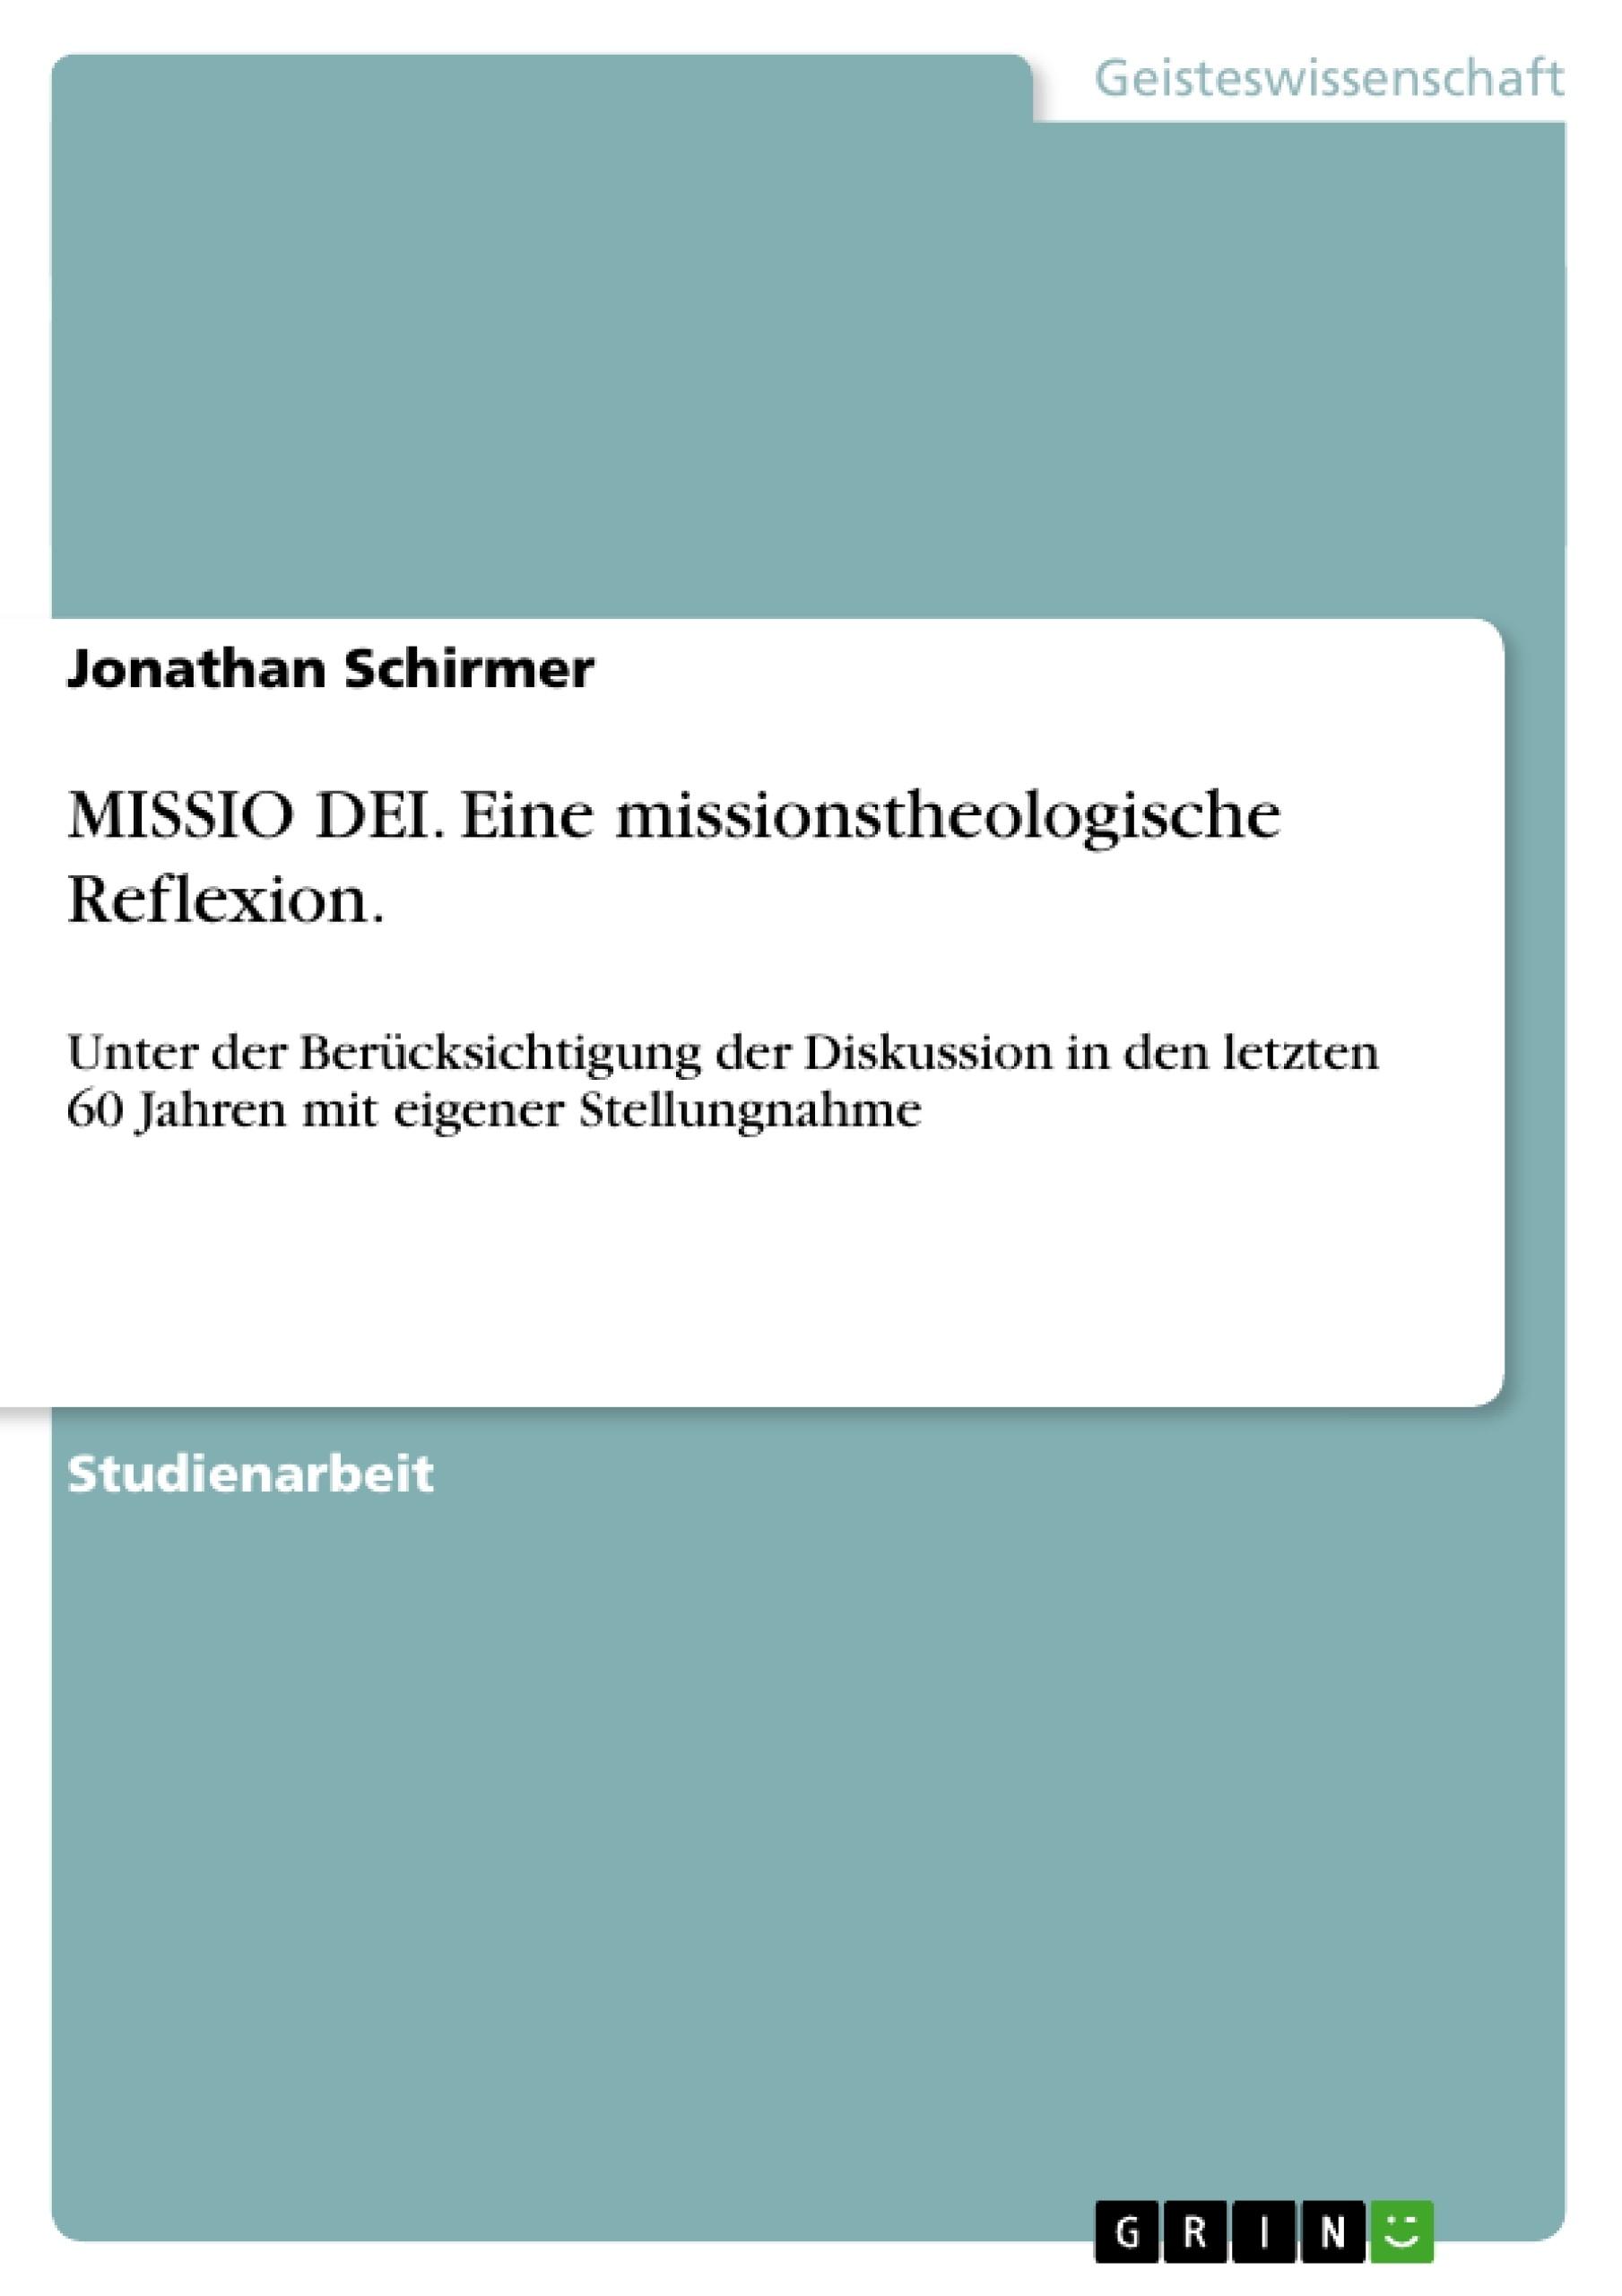 Titel: MISSIO DEI. Eine missionstheologische Reflexion.